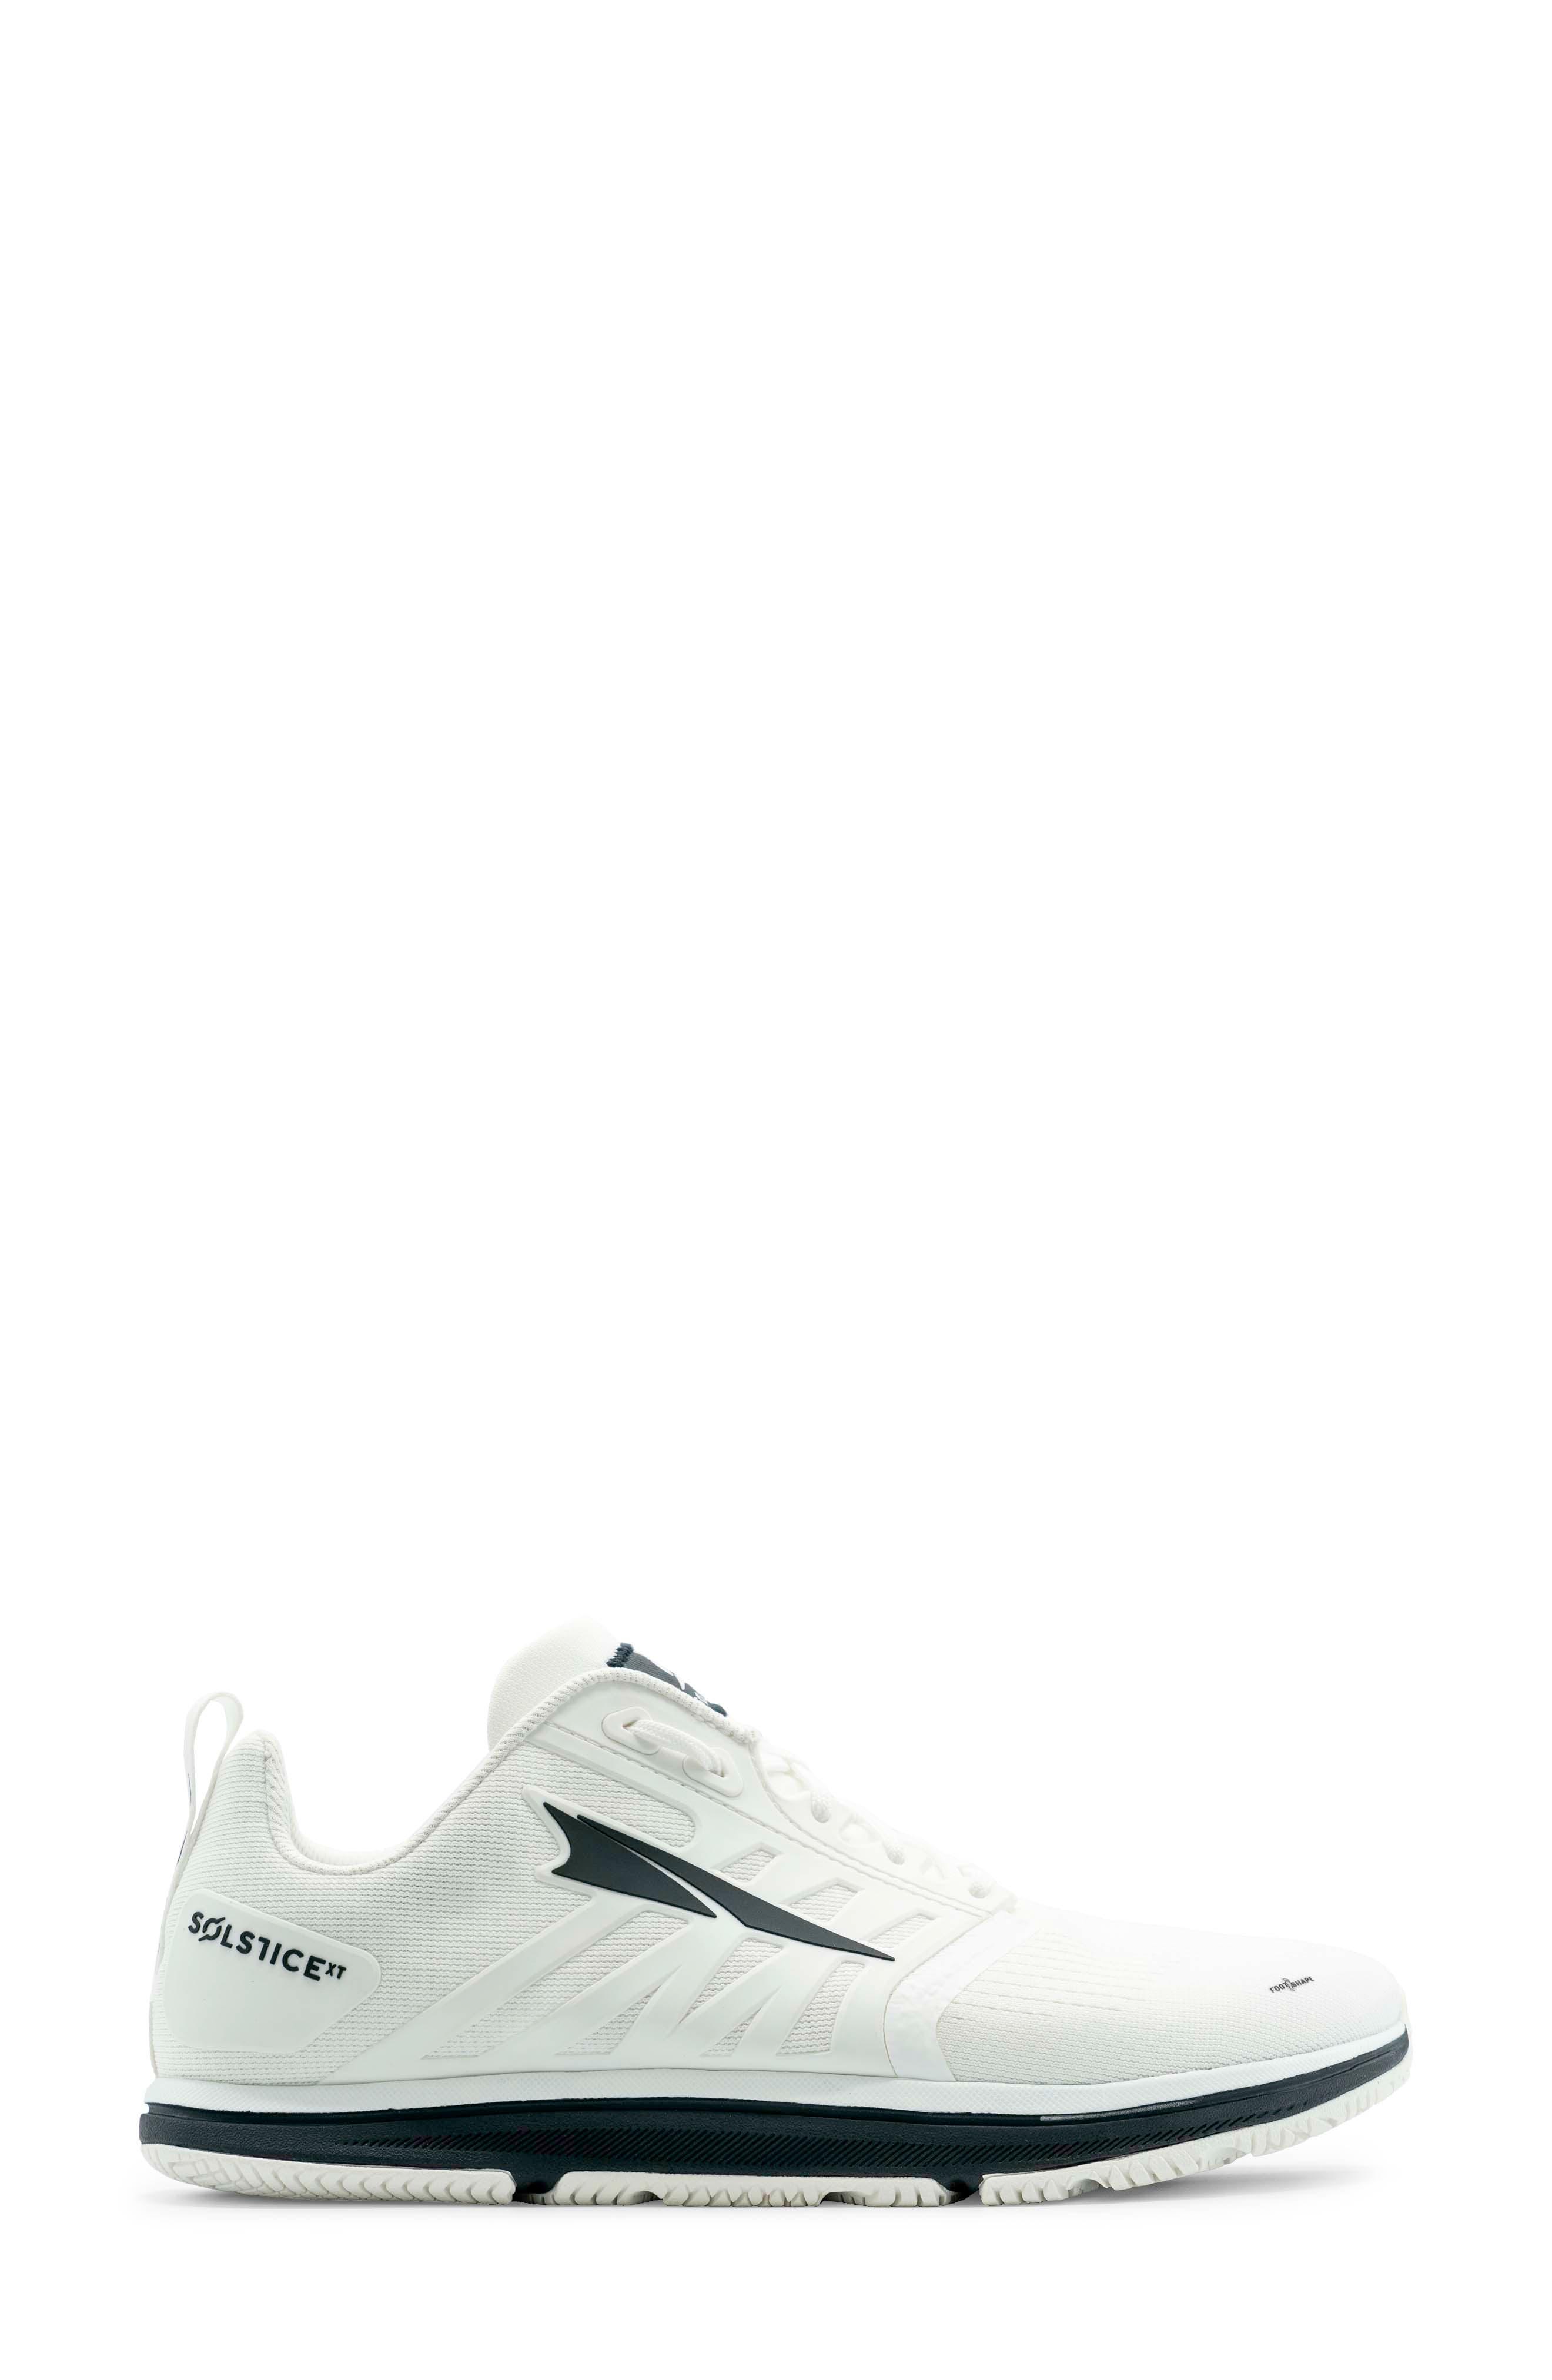 Solstice Xt Training Shoe